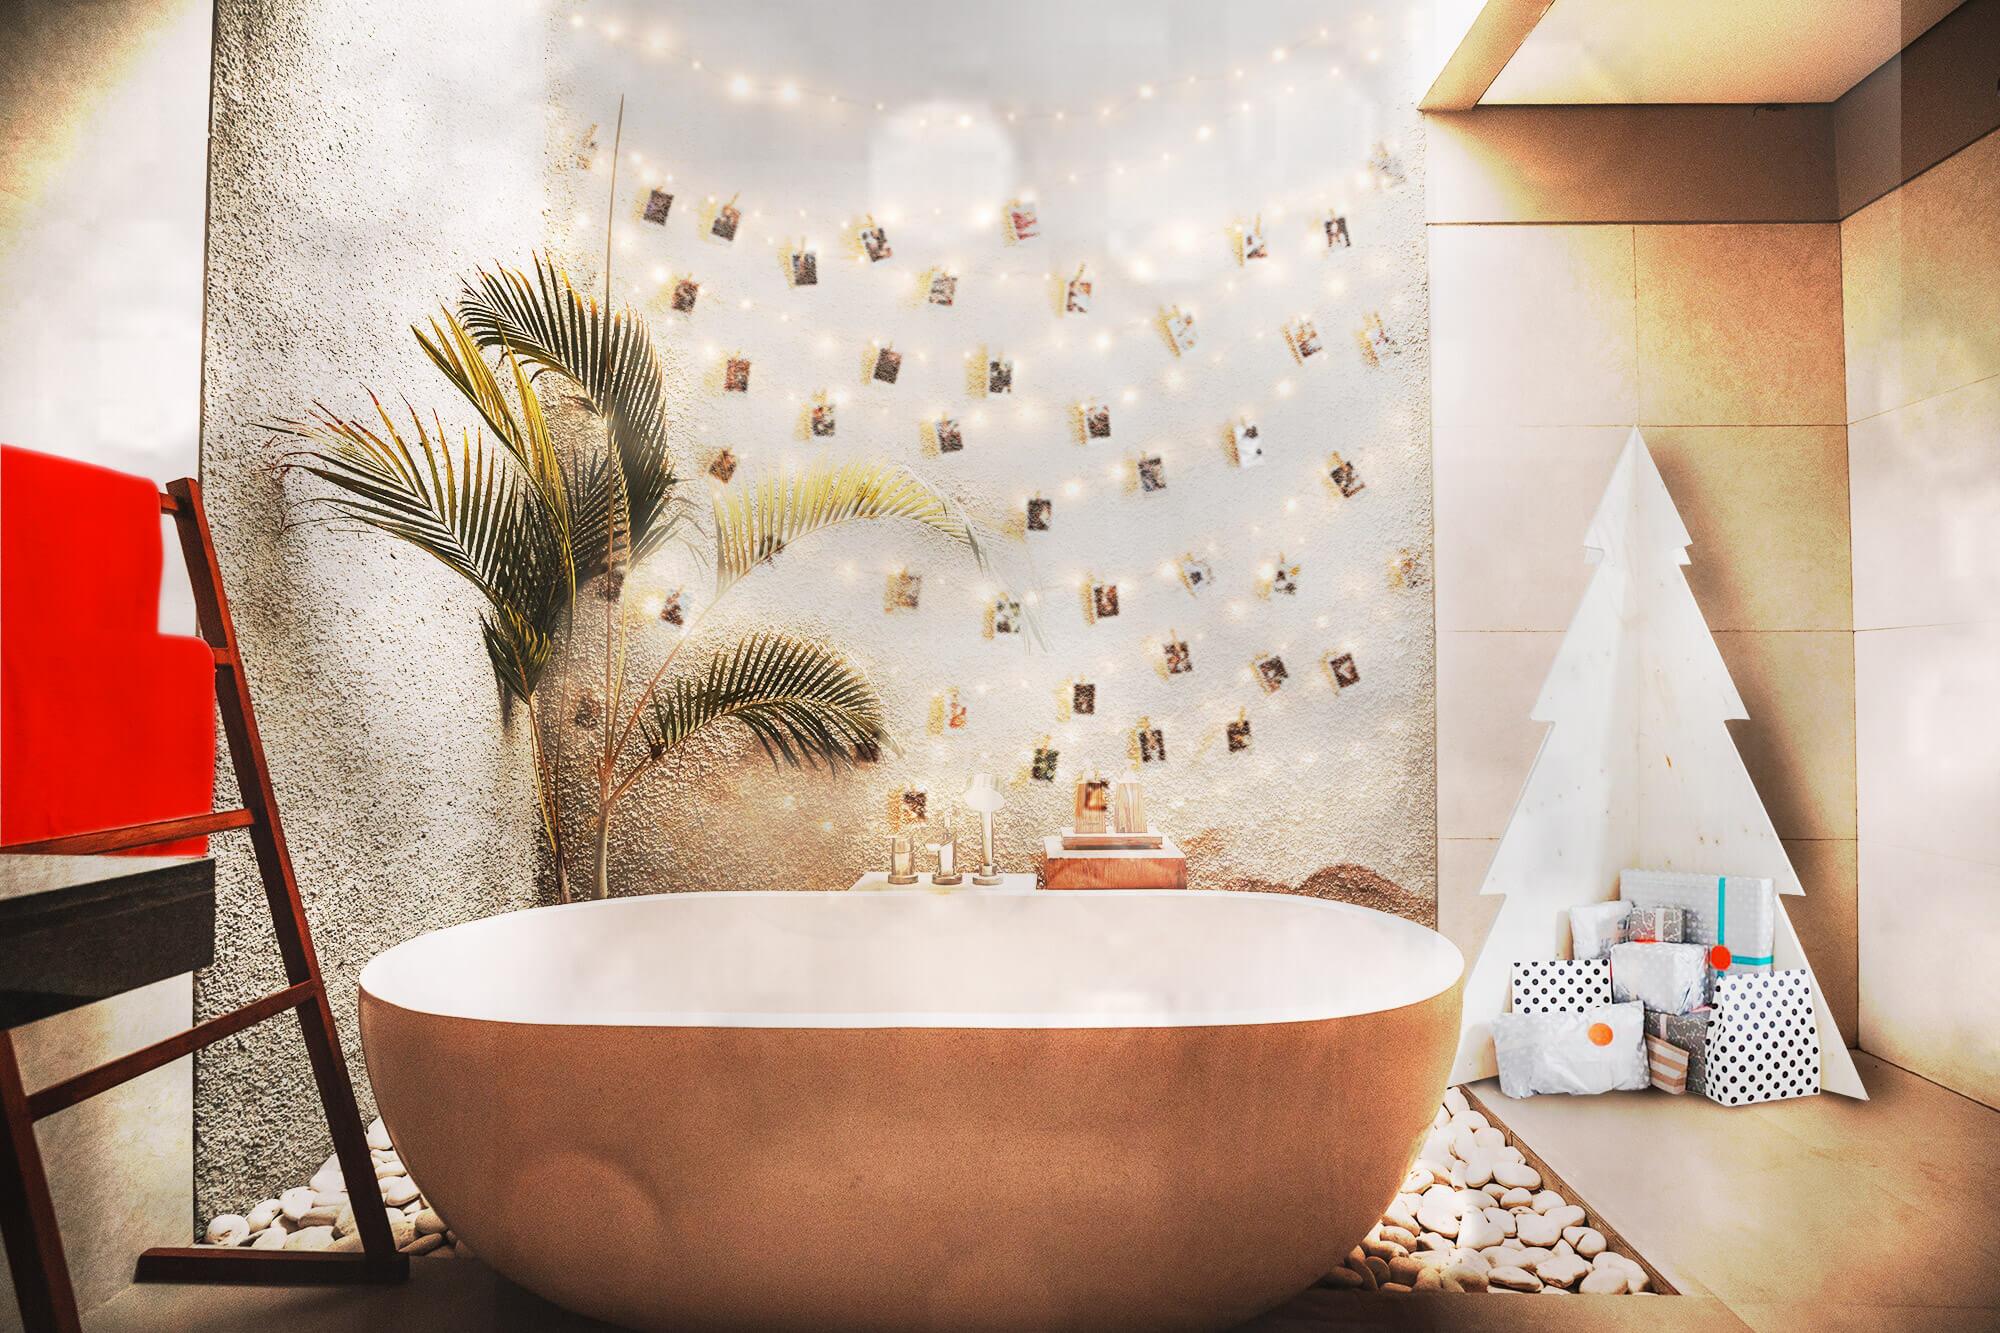 Bagno in cemento e graniglia con decori e mosaico artistico mm